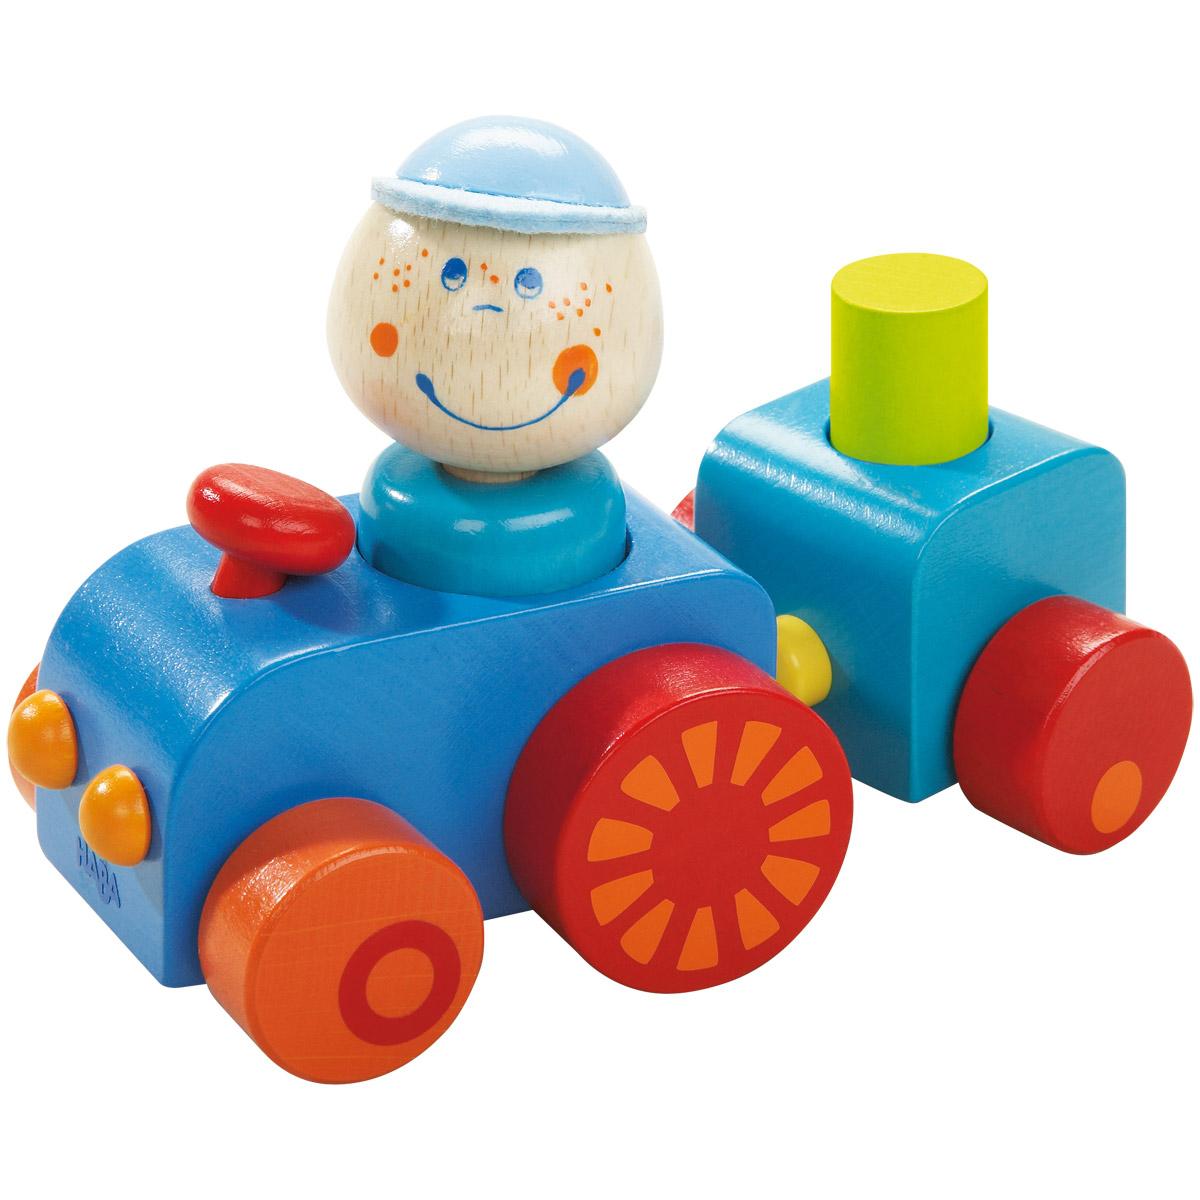 Тракторист из Хабовки HABAНикто не помнит его имени. Просто есть такой парень. И есть у него трактор. Только знают, что он родом из Хабовки. И не откажет он никому. Так куда выгружать, хозяйка?Водителя и груз можно вытащить. Прицеп к трактору крепится магнитом.<br>